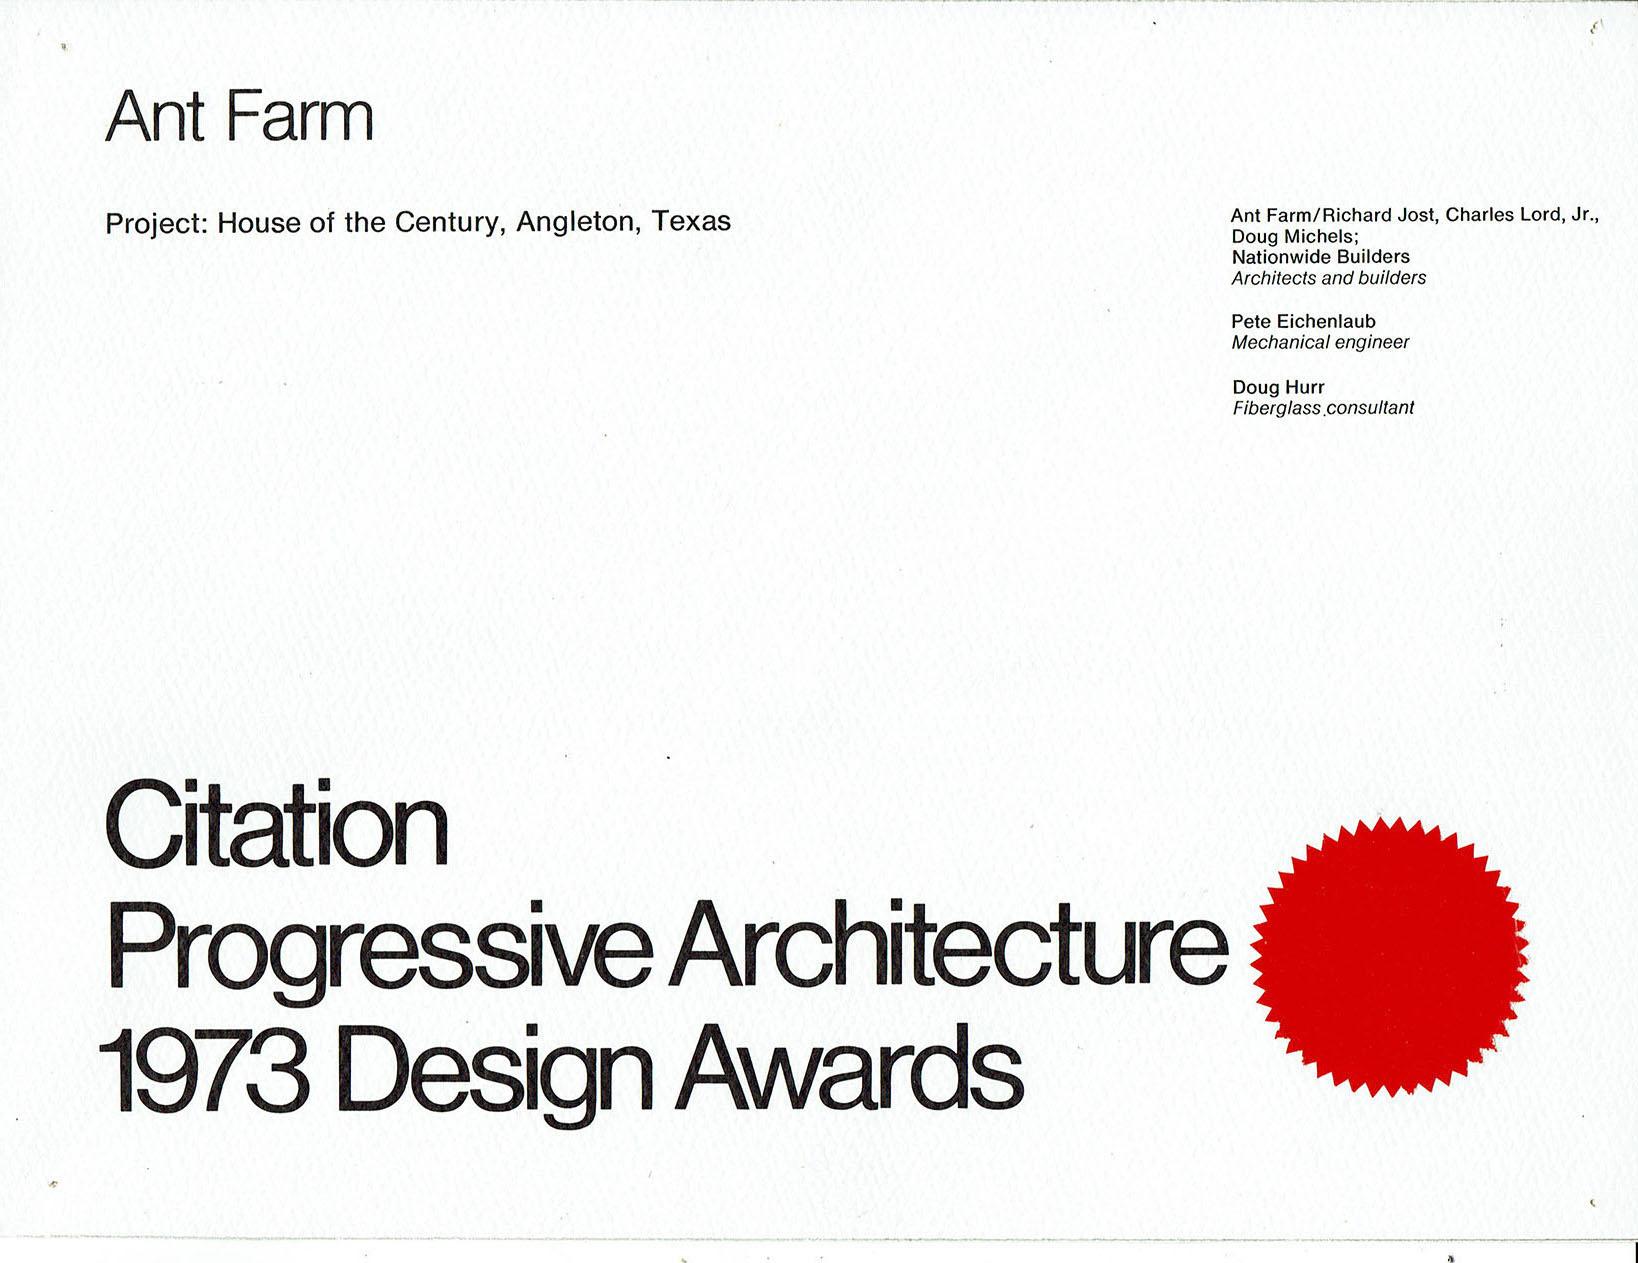 citation 1973